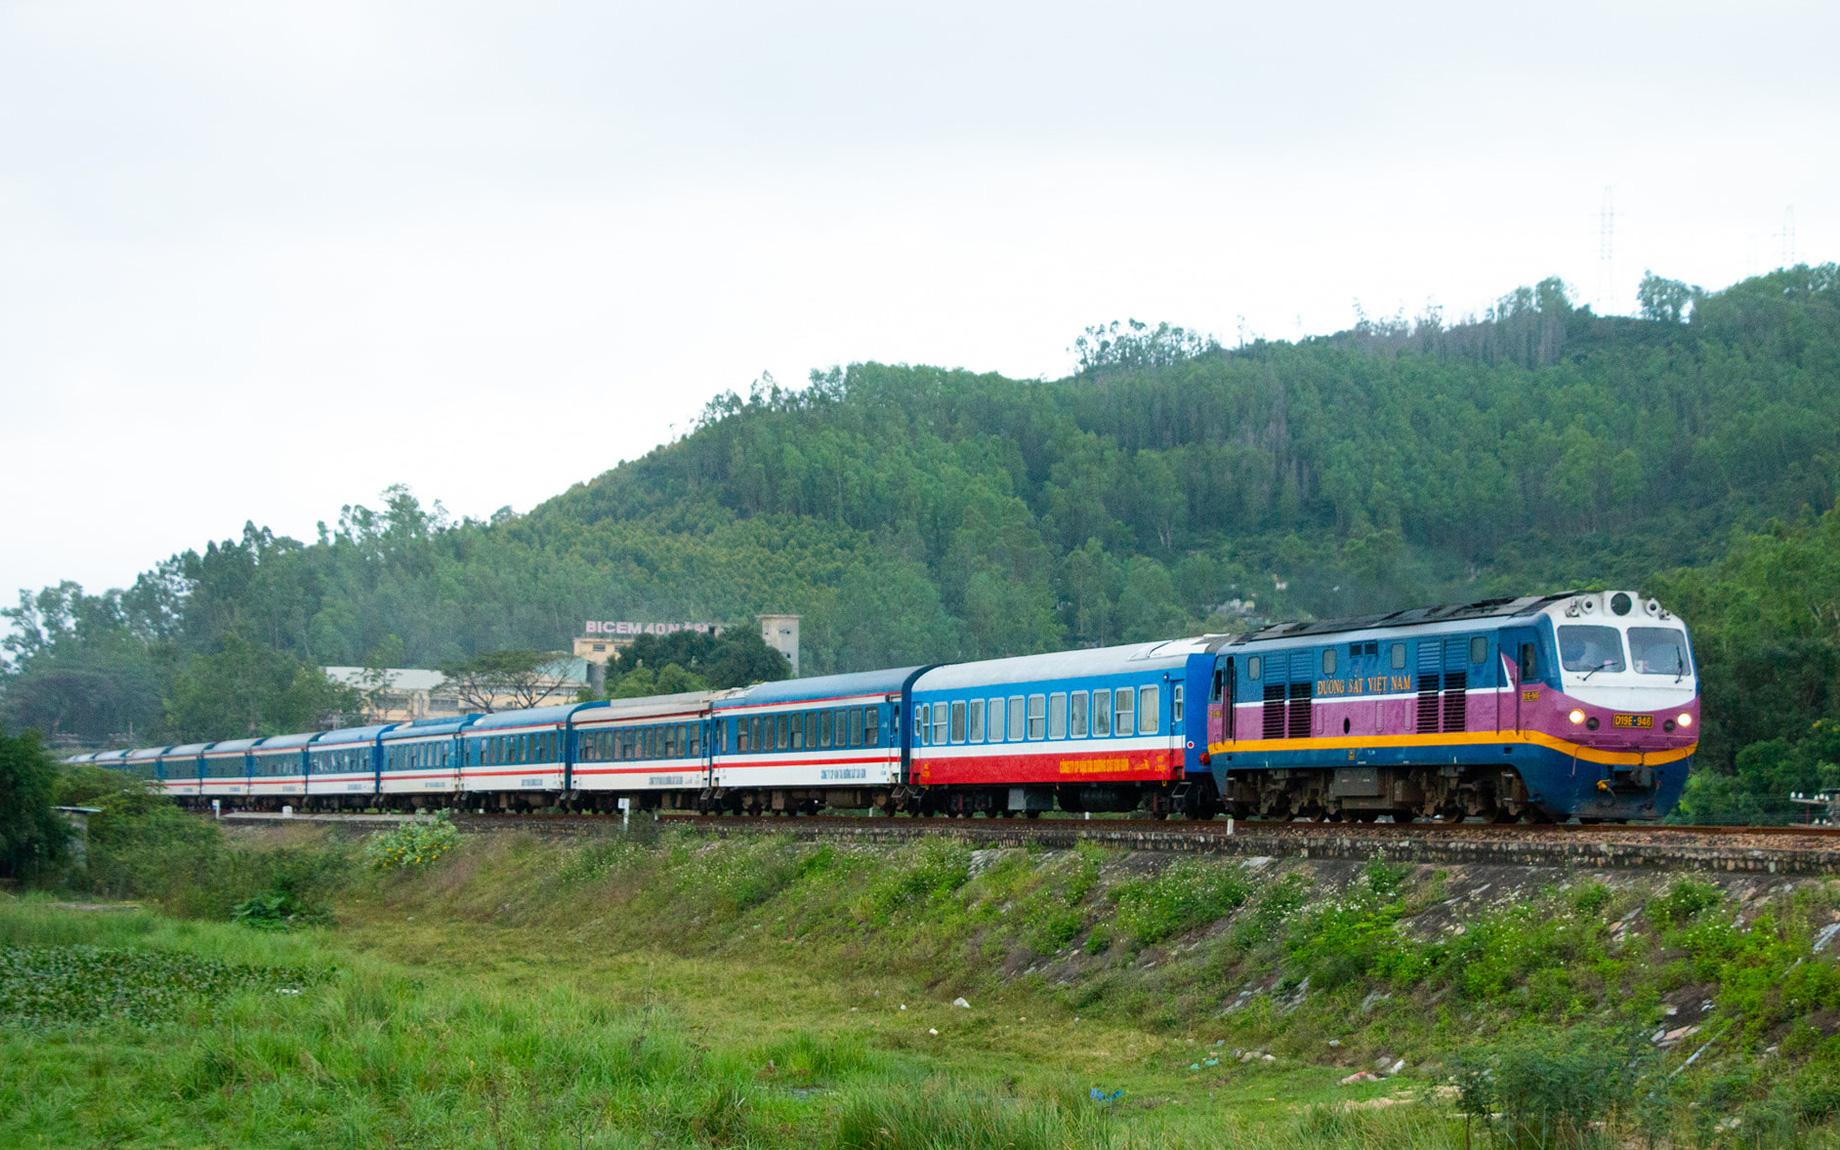 3.000 người dân Hà Tĩnh từ TP.HCM và các tỉnh phía Nam được về quê trên chuyến tàu chuyên biệt